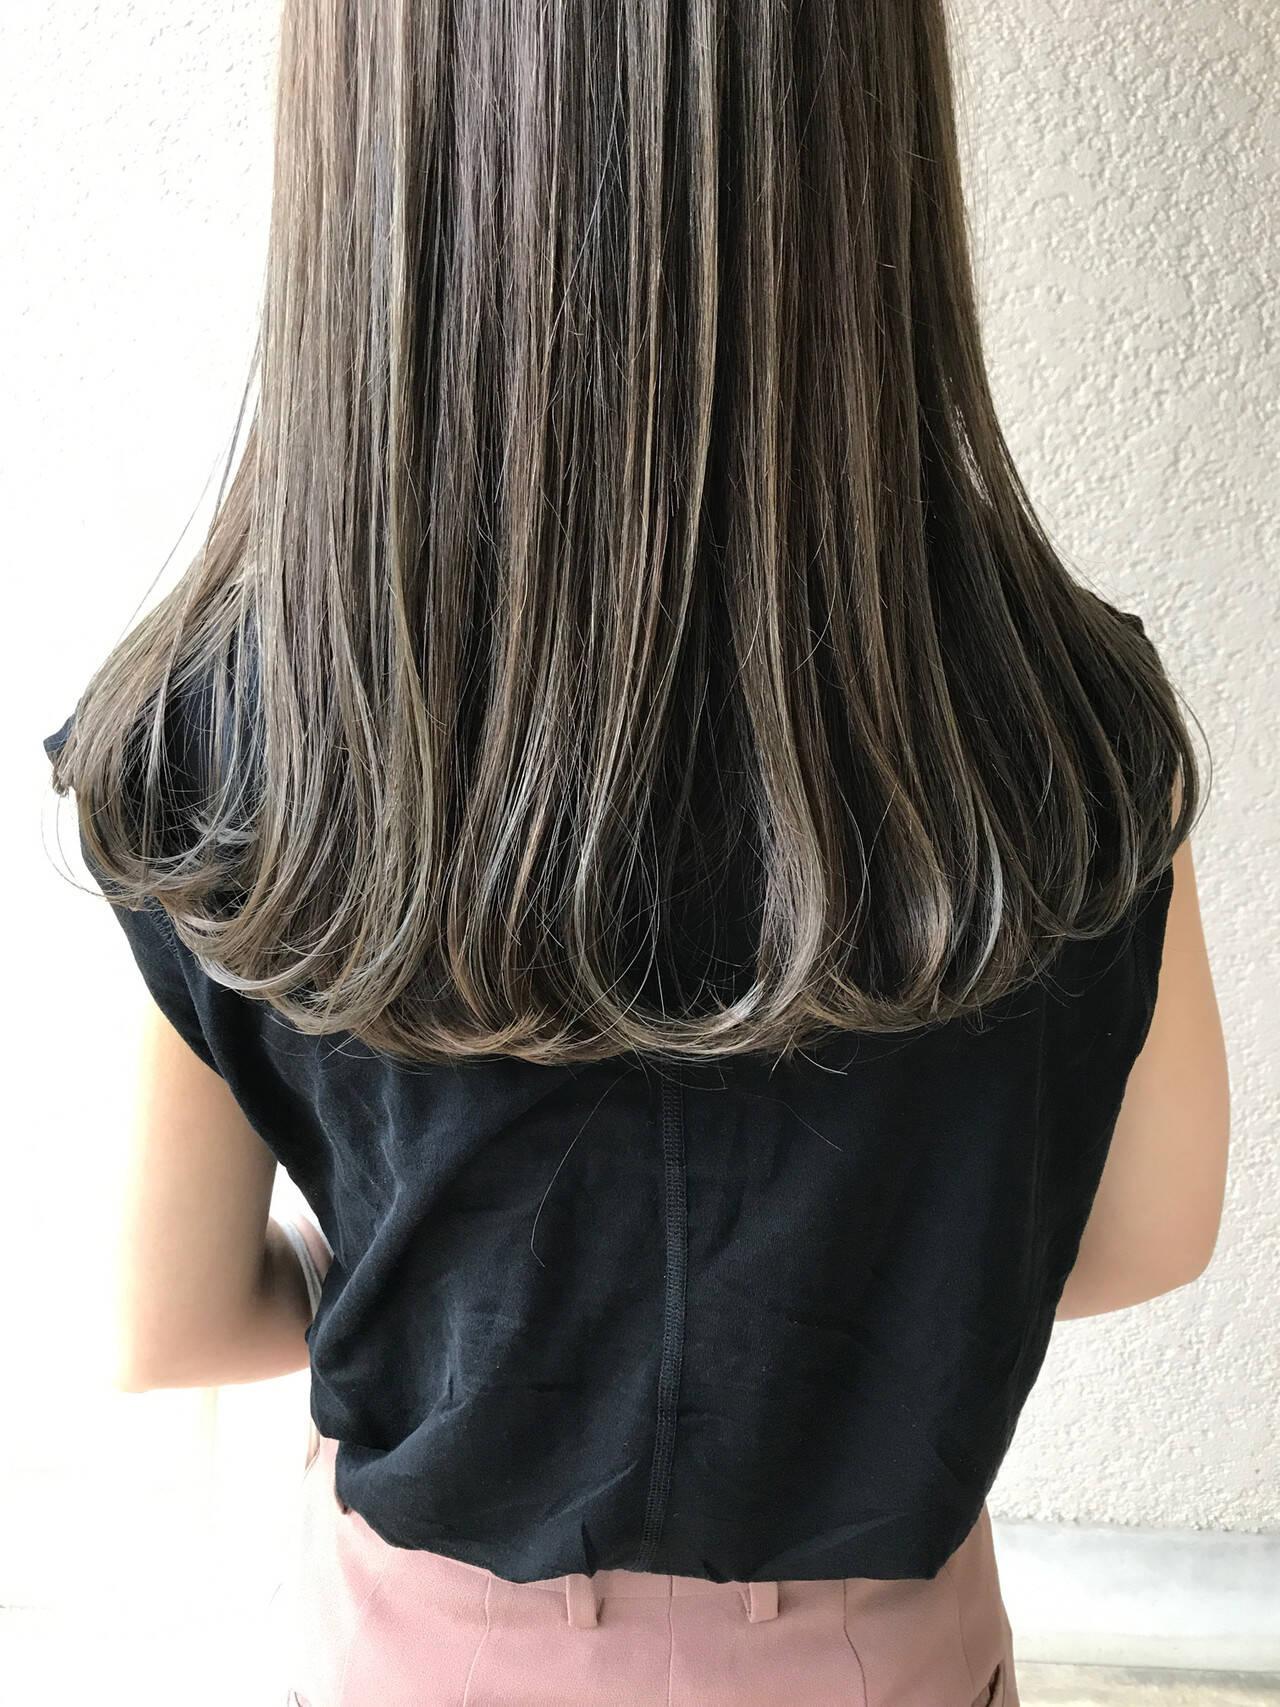 オリーブカラー オリーブブラウン オリーブアッシュ ロングヘアスタイルや髪型の写真・画像